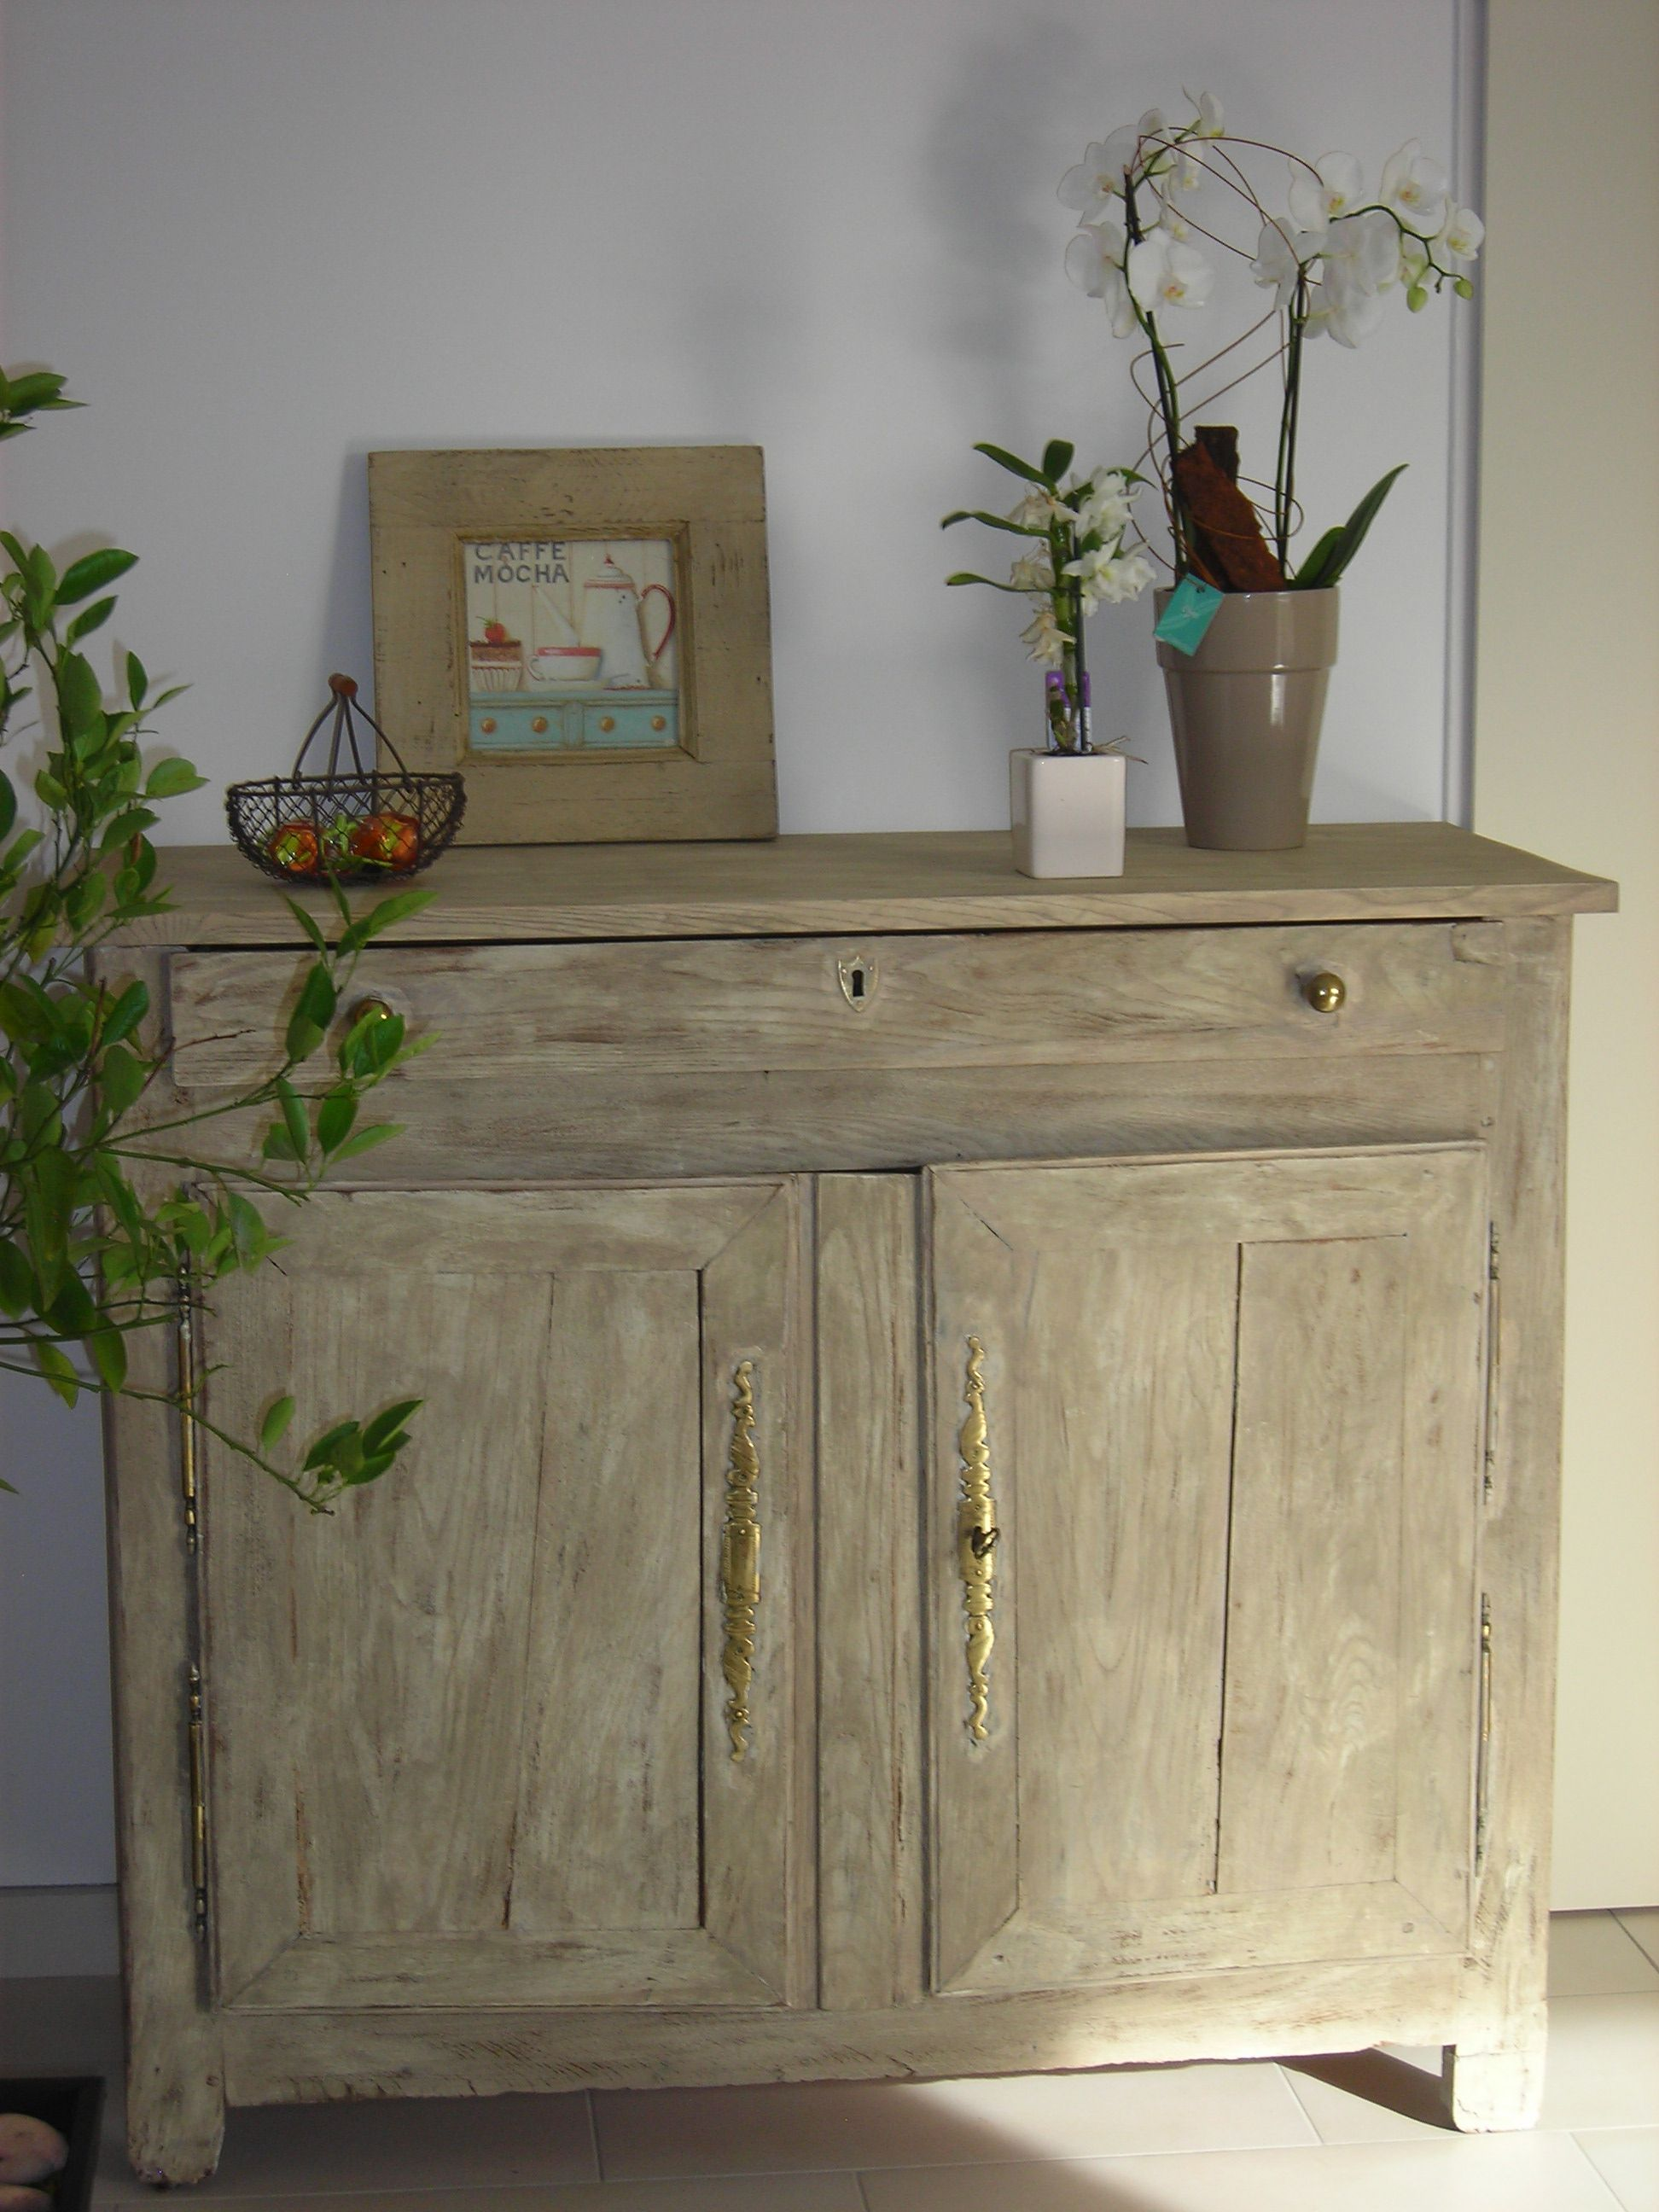 meubles ceruses et patines meuble tv ceruse blanc patine ceruse meuble meuble tele south shore. Black Bedroom Furniture Sets. Home Design Ideas